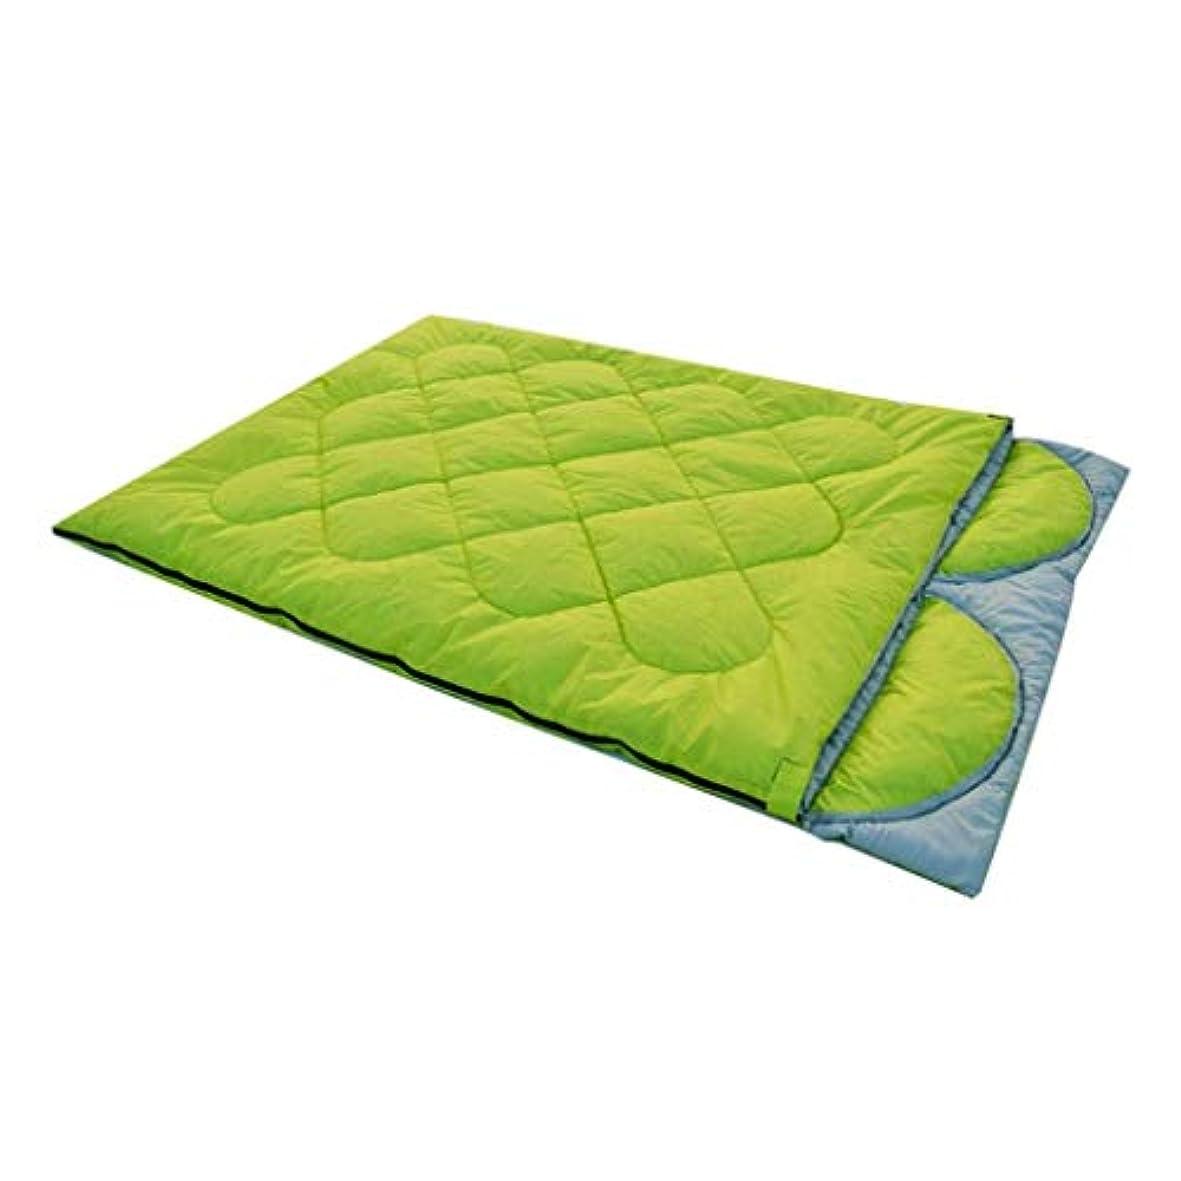 安全フットボール乳白カップル寝袋ダブル屋外取り外し可能な枕キャンプ秋と冬のファッションスタイル